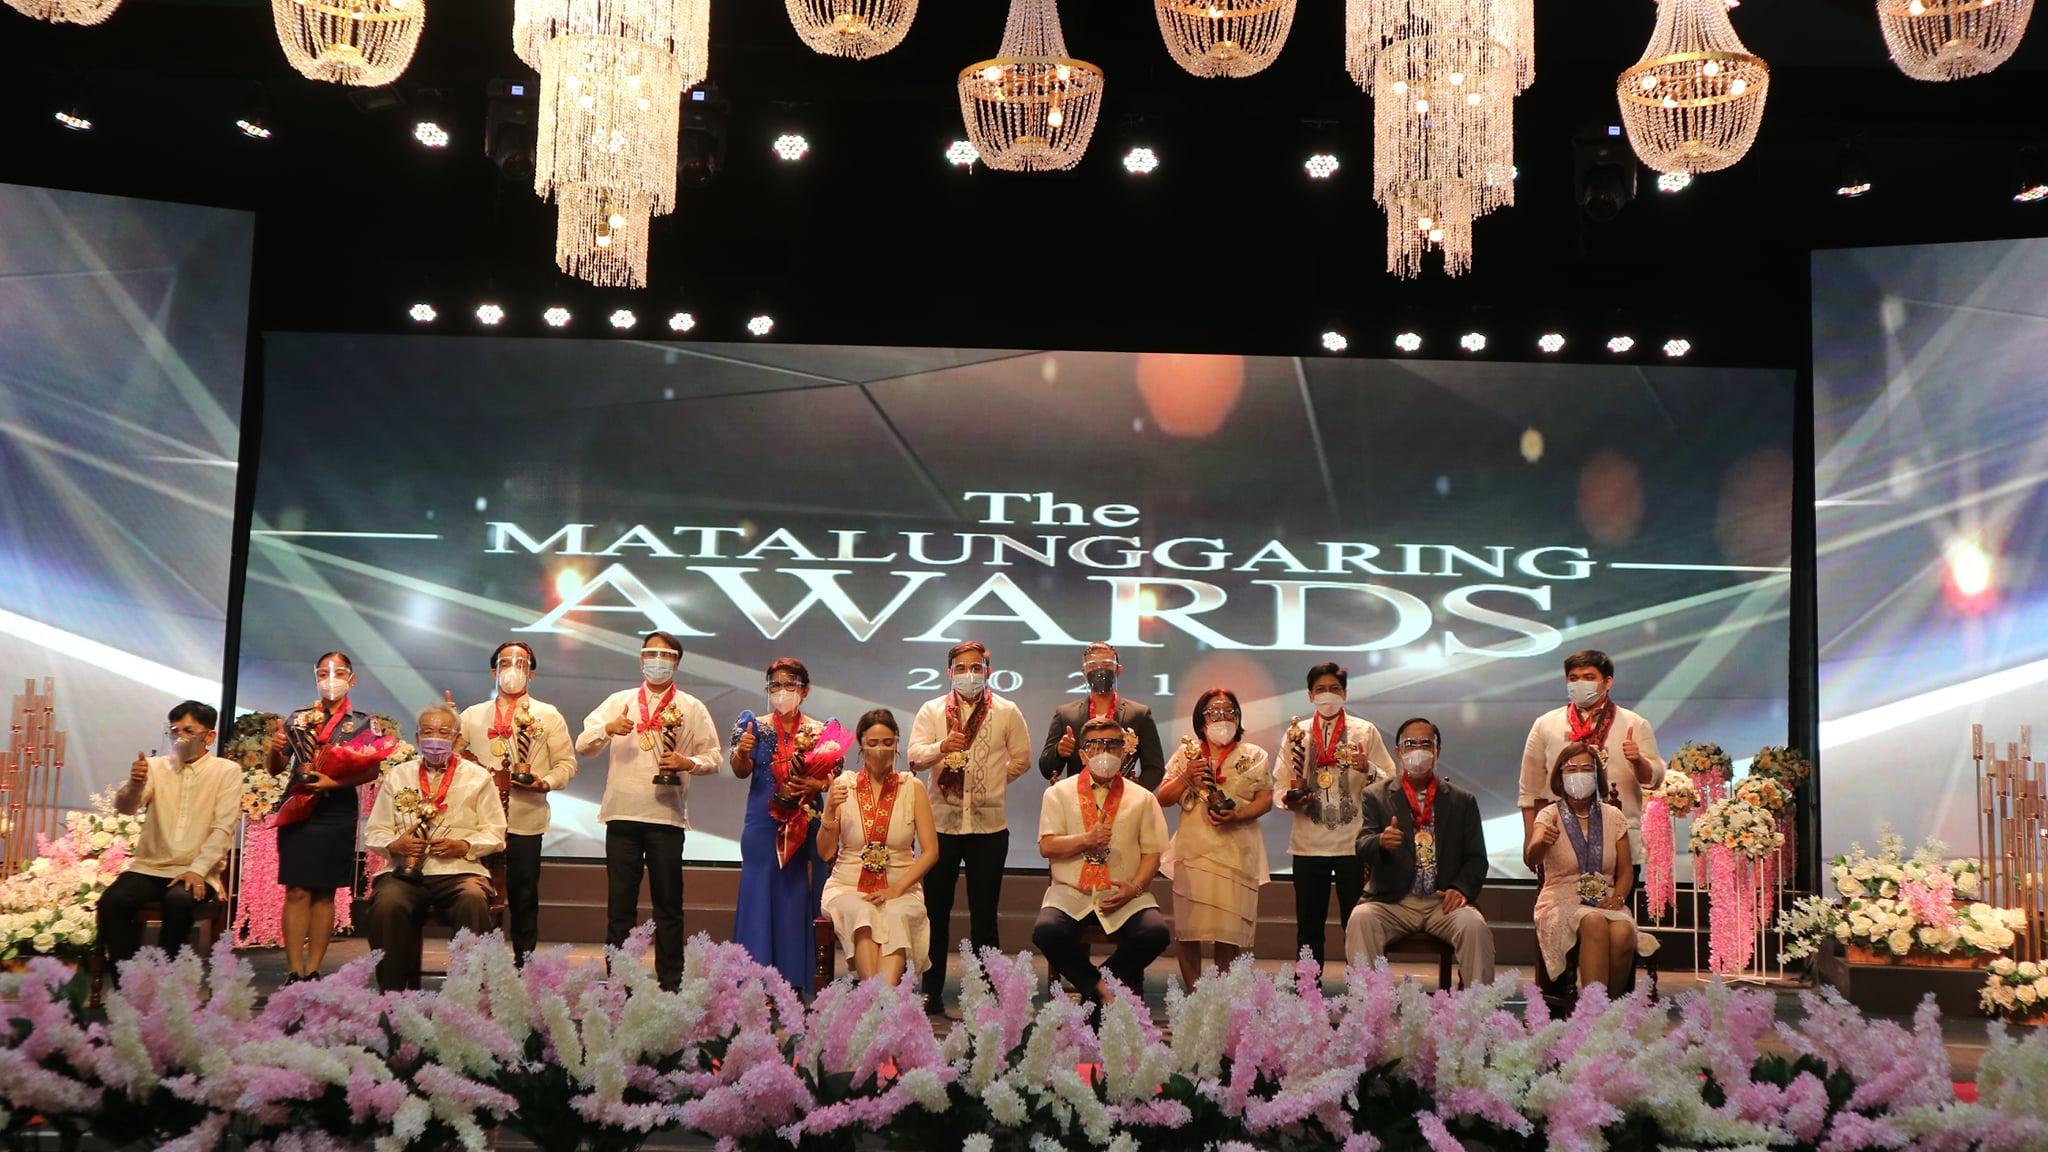 Matalunggaring Awards 2021